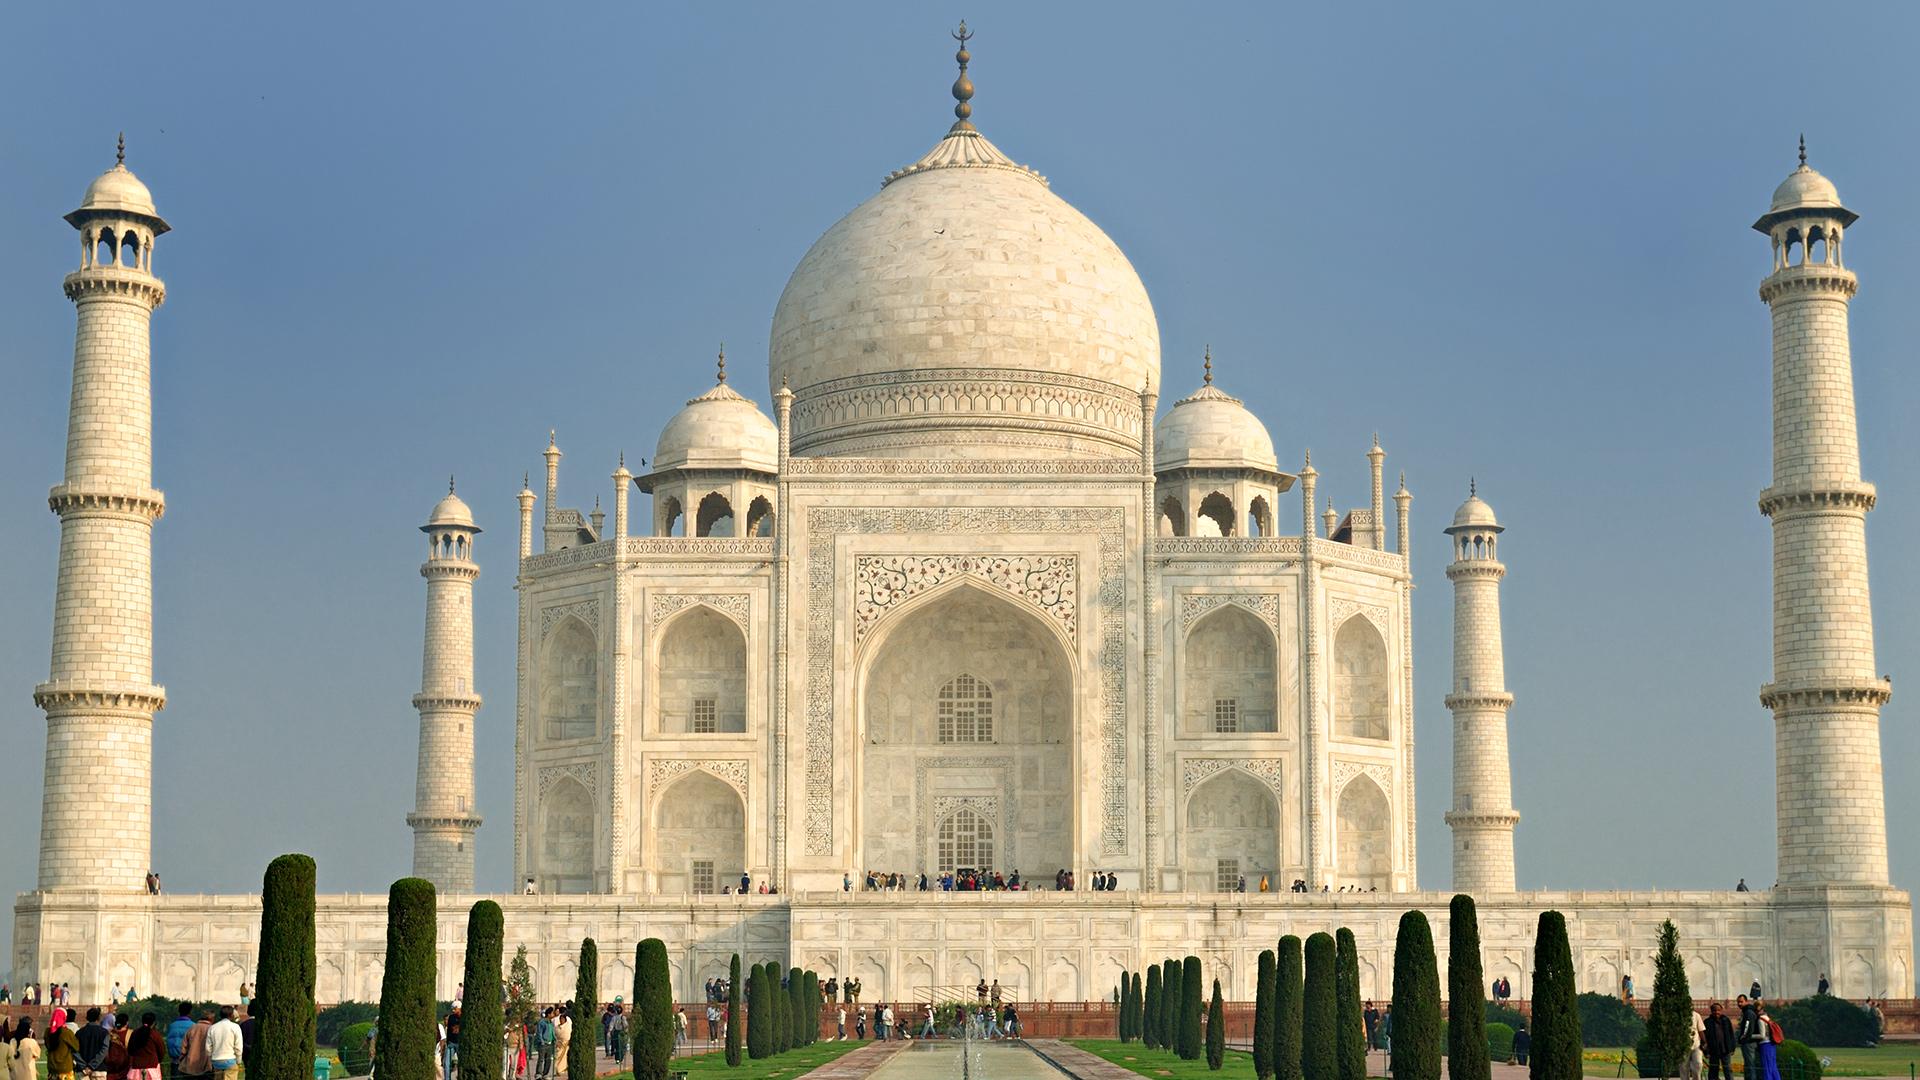 Taj mahal hd wallpaper background image 1920x1080 id - Taj mahal background hd ...